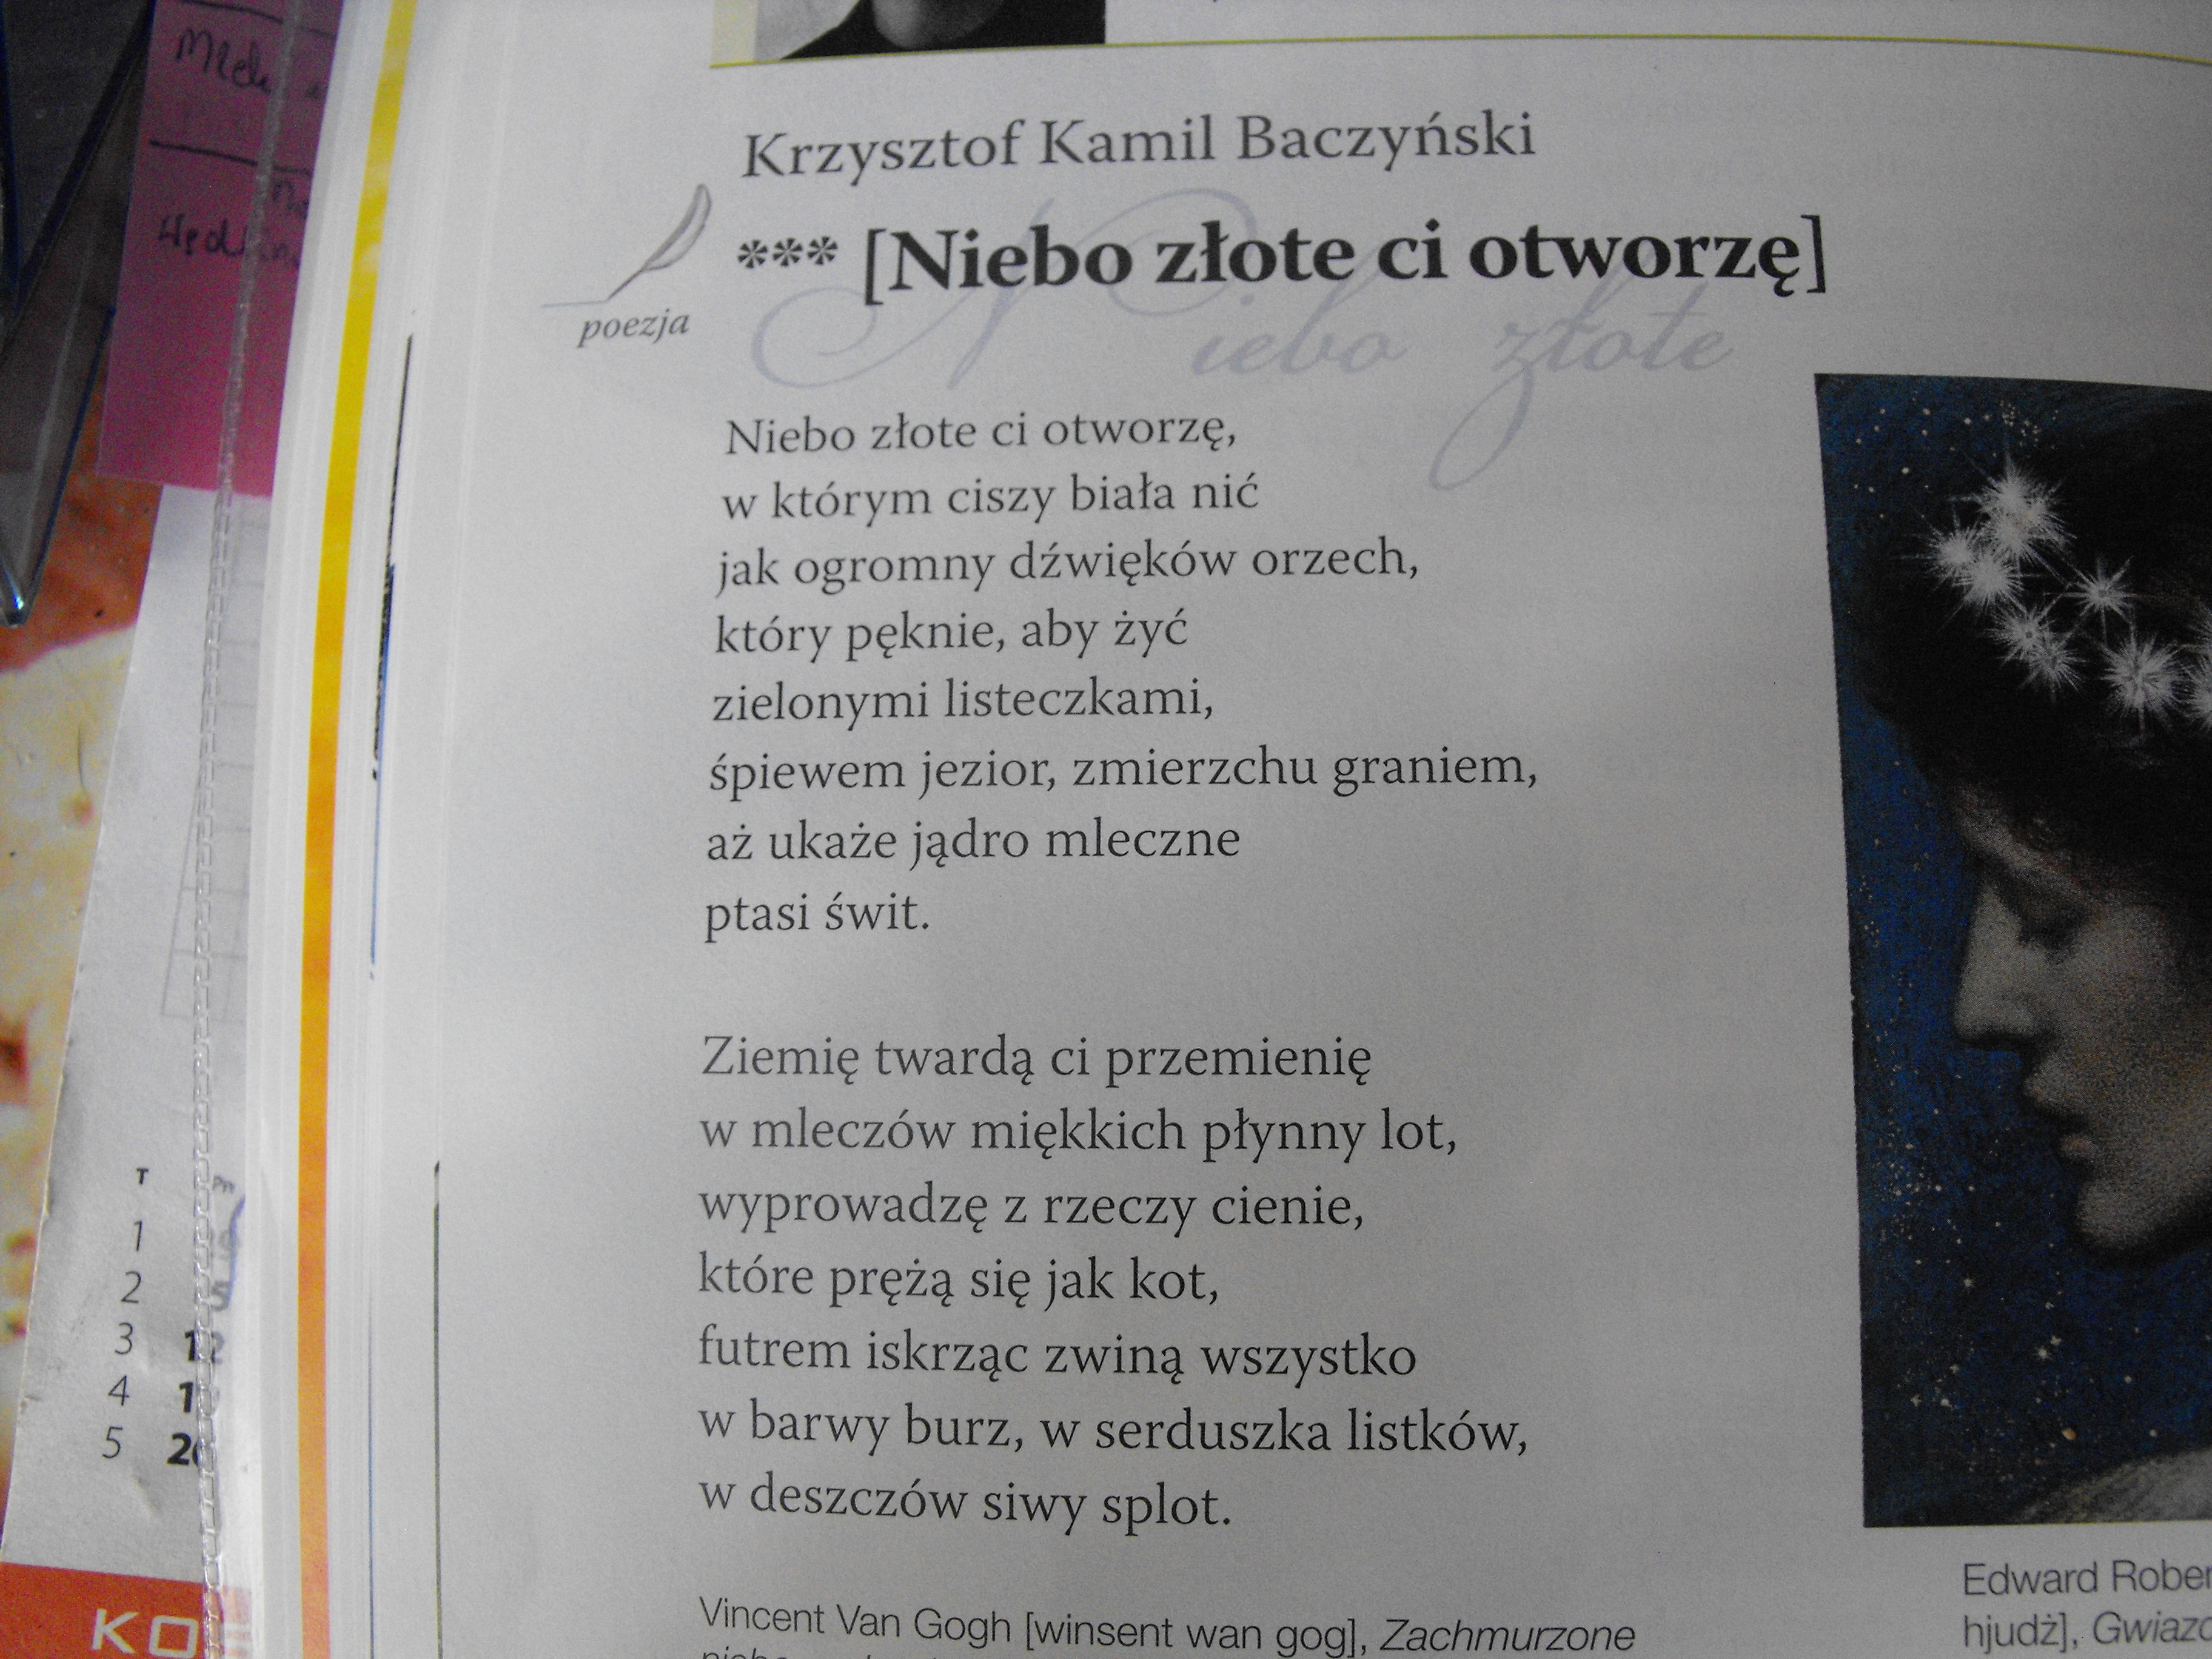 Proszę Pomoc W Zad Z Polskiego Jak Autor Wiersza Rozumie